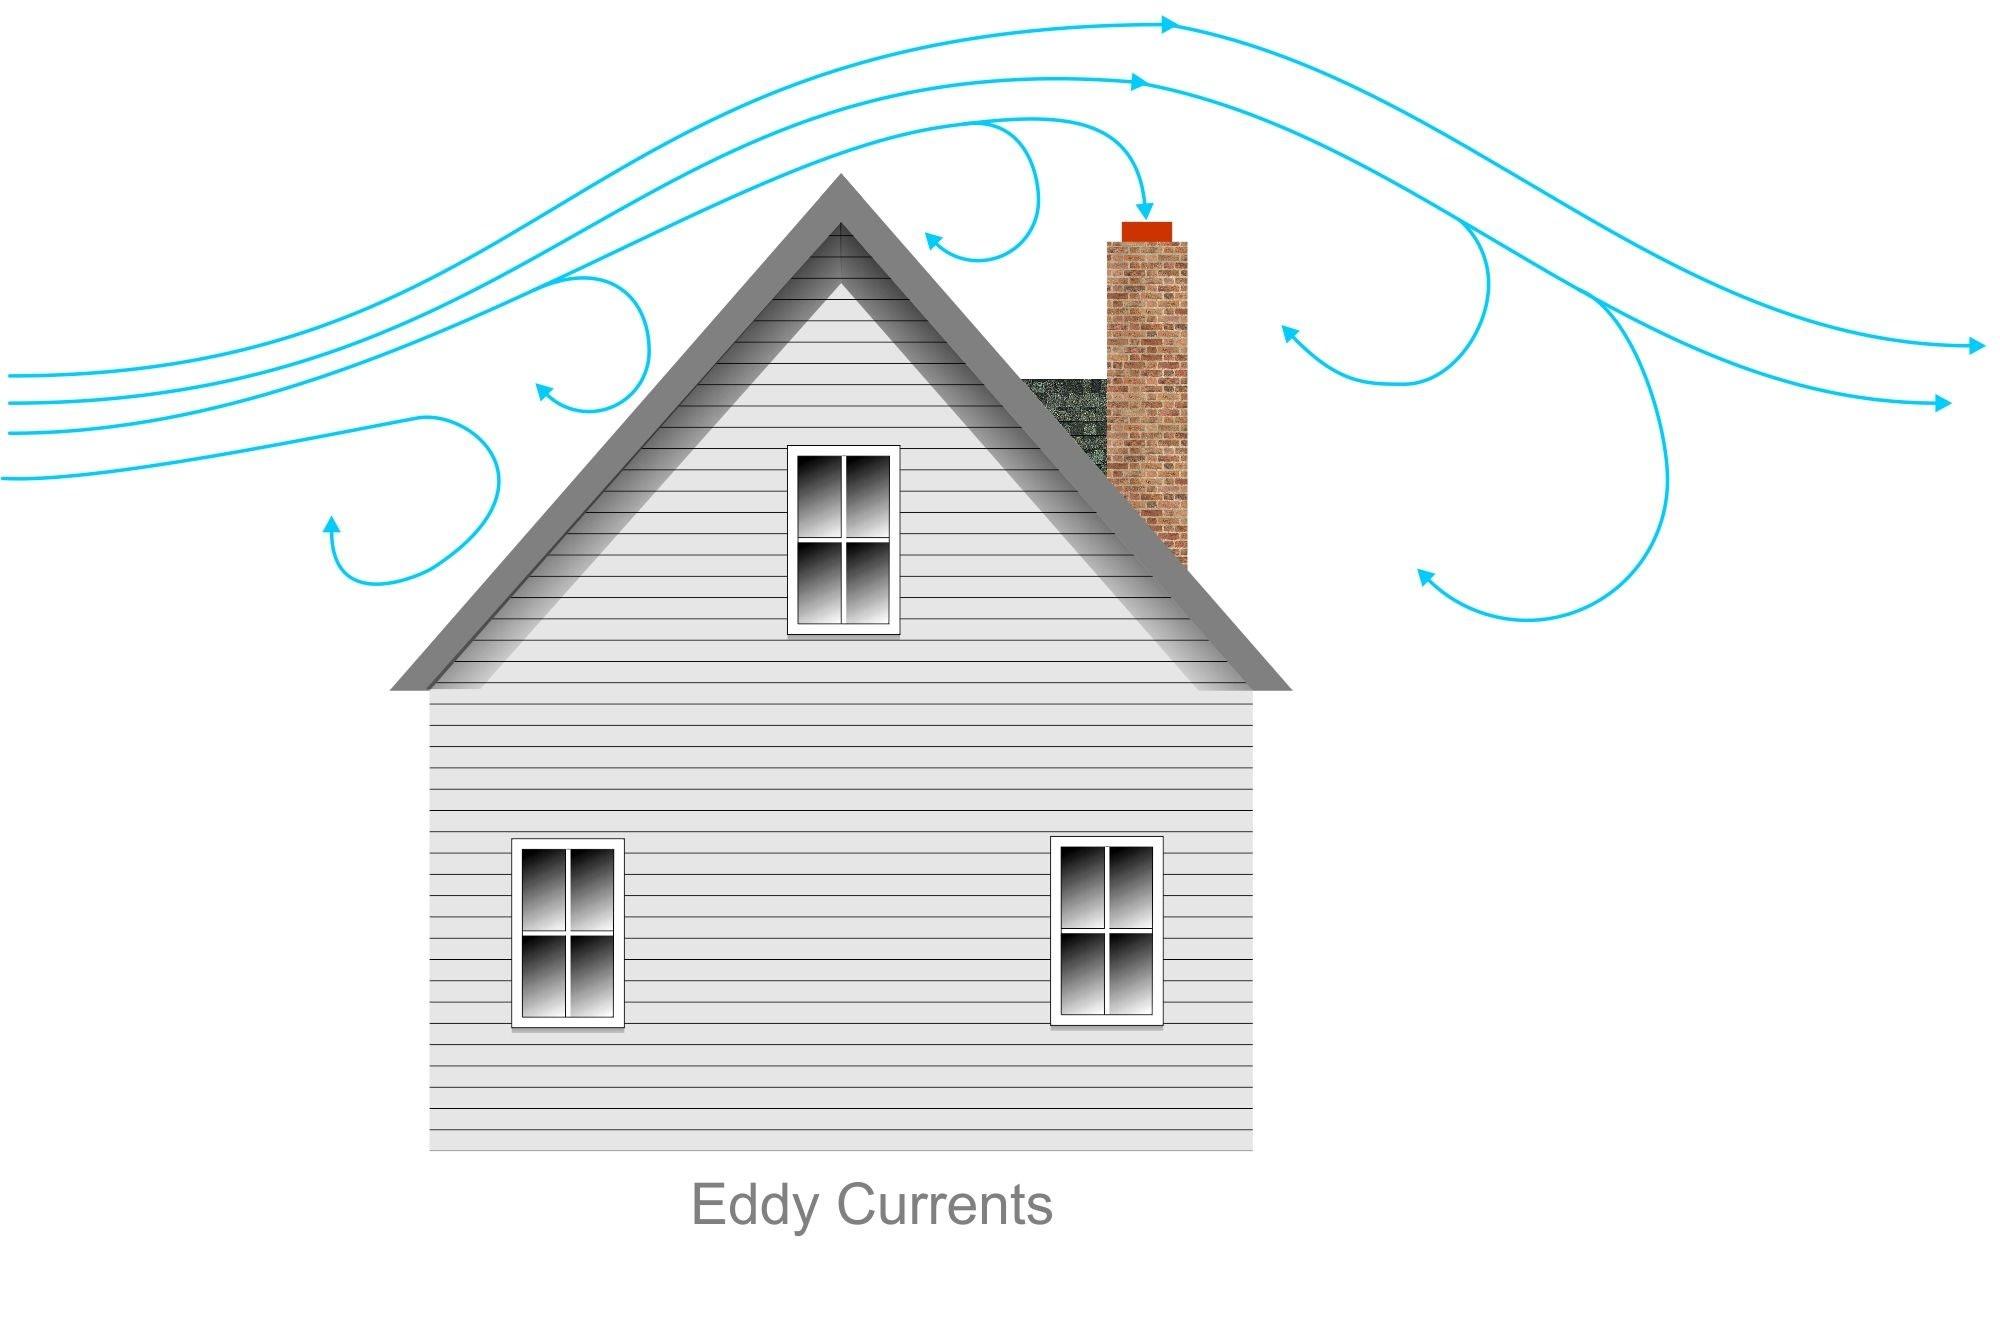 Eddy current 2